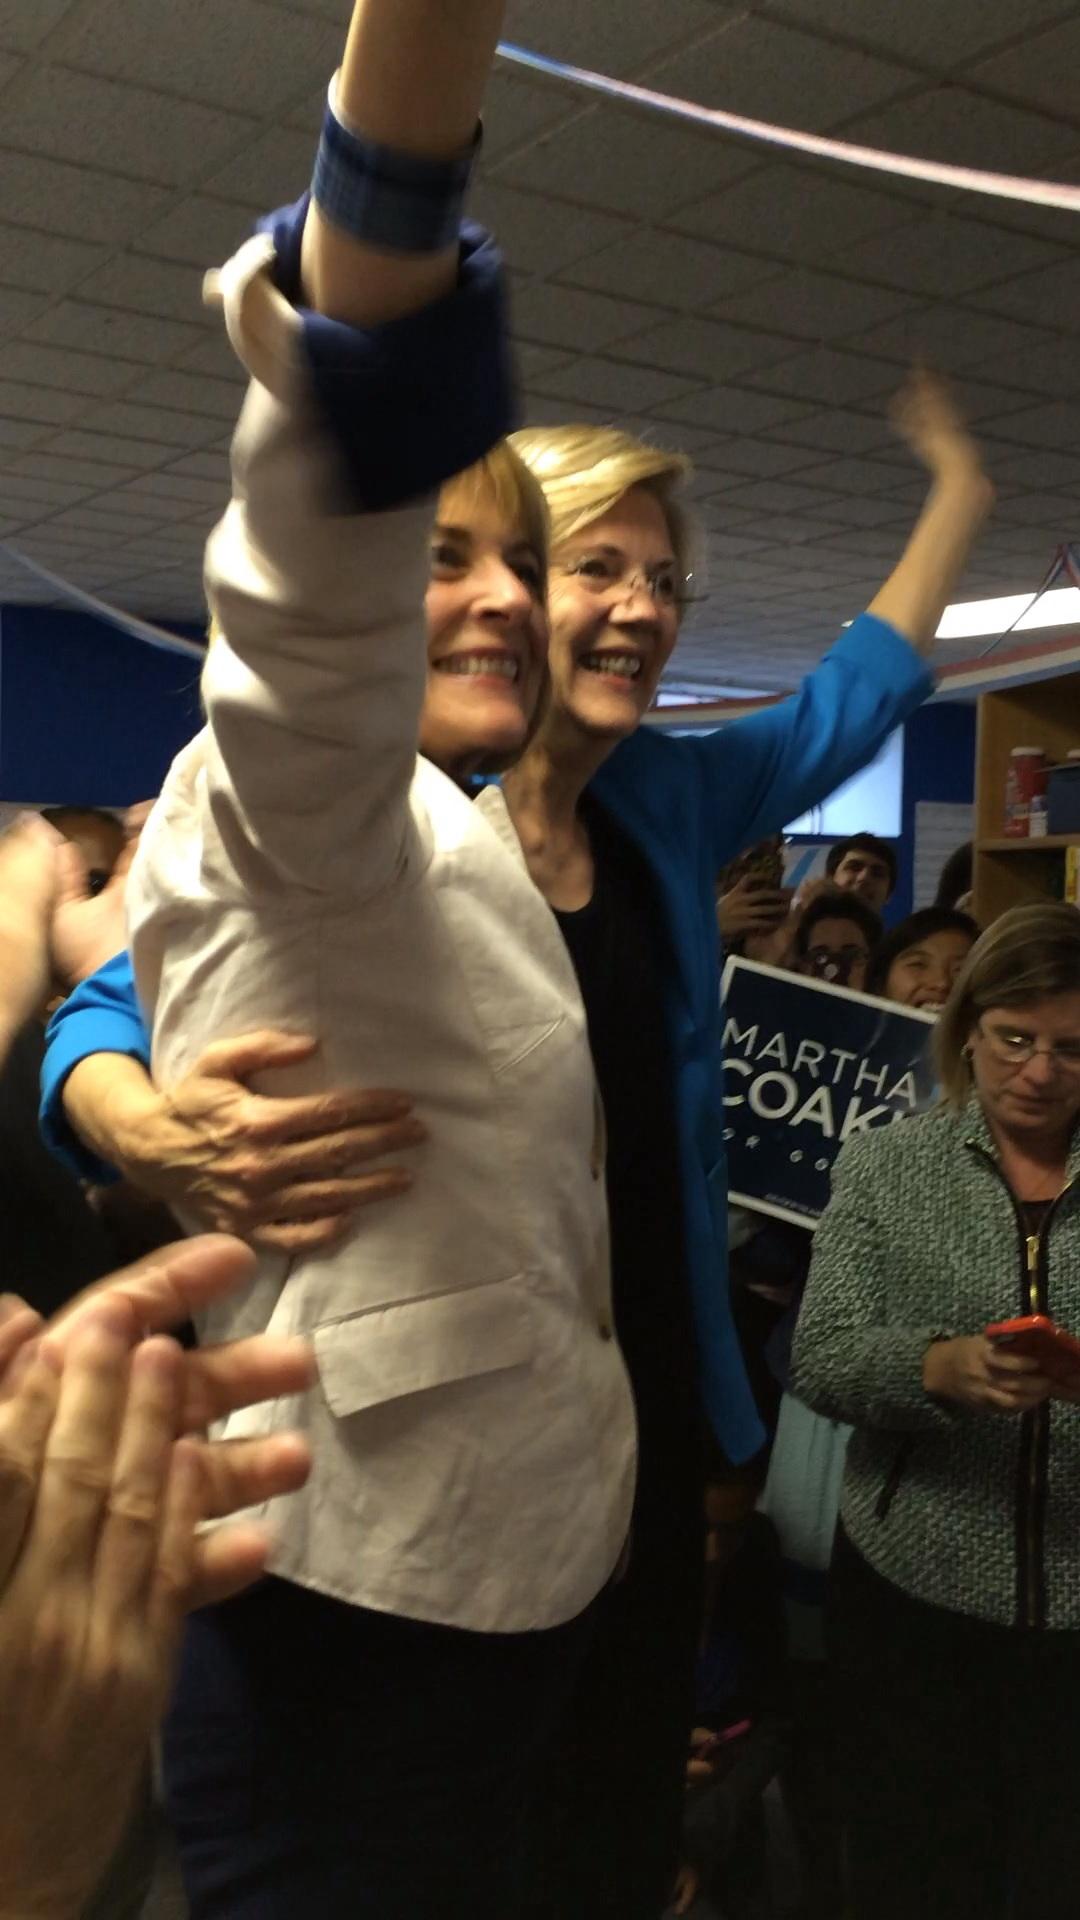 Elizabeth Warren endorses Martha Coakley